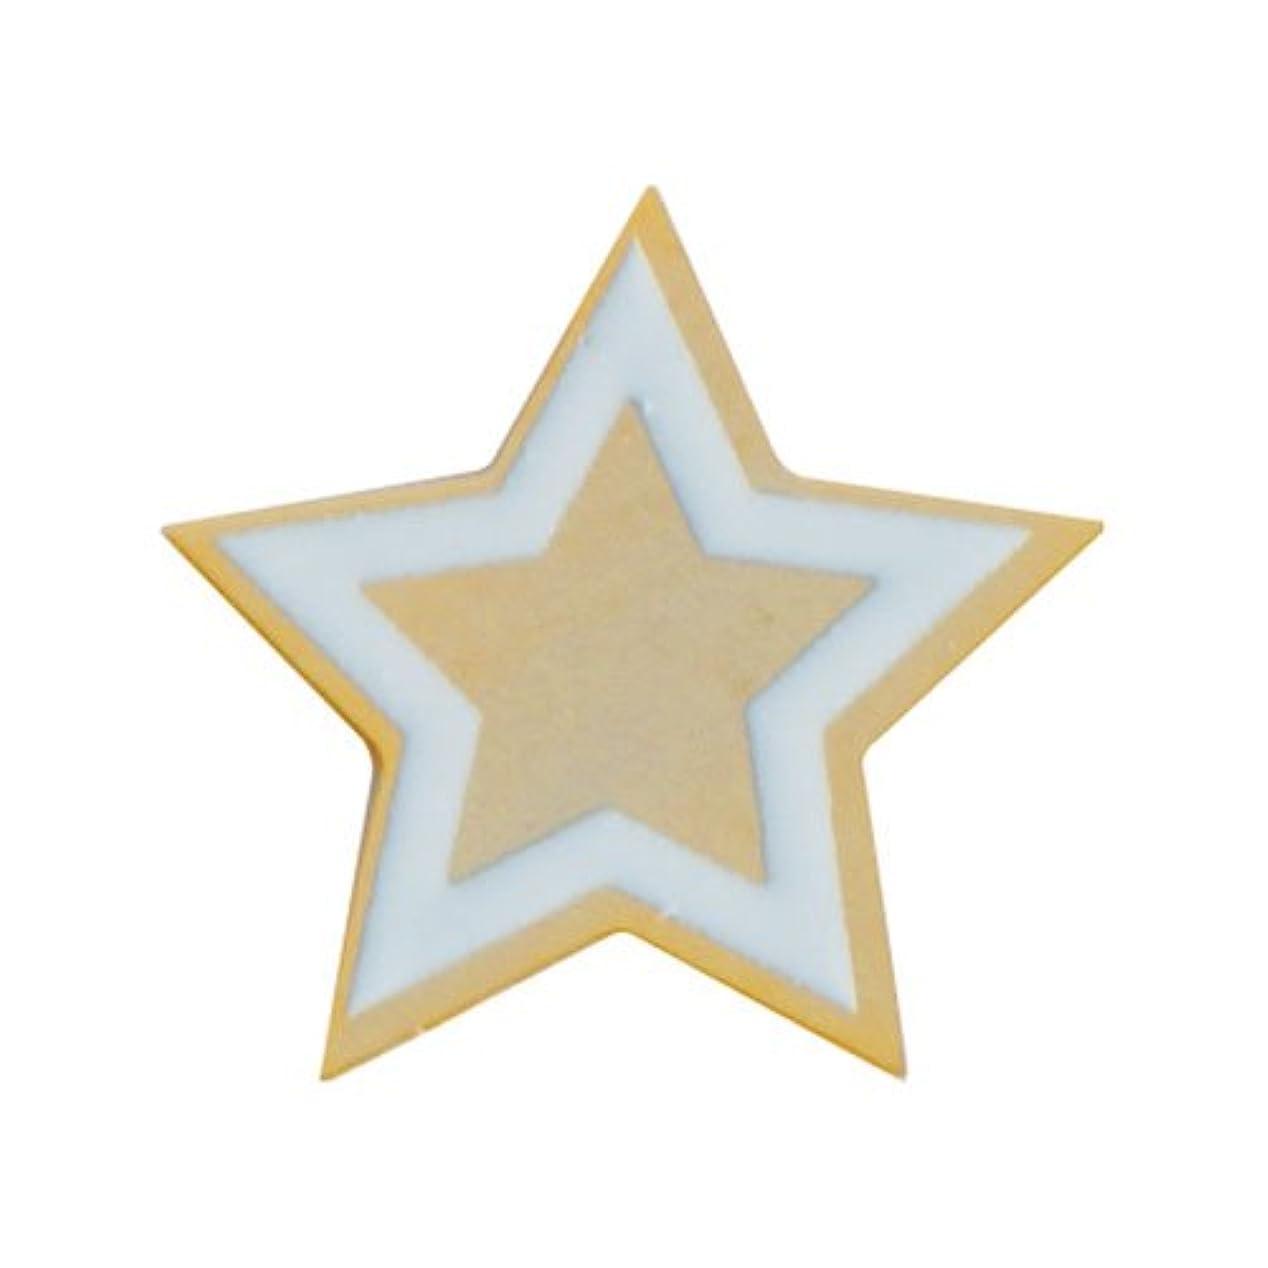 トロピカルアイデア話をするリトルプリティー ネイルアートパーツ PWツインクルスター S ゴールド 10個